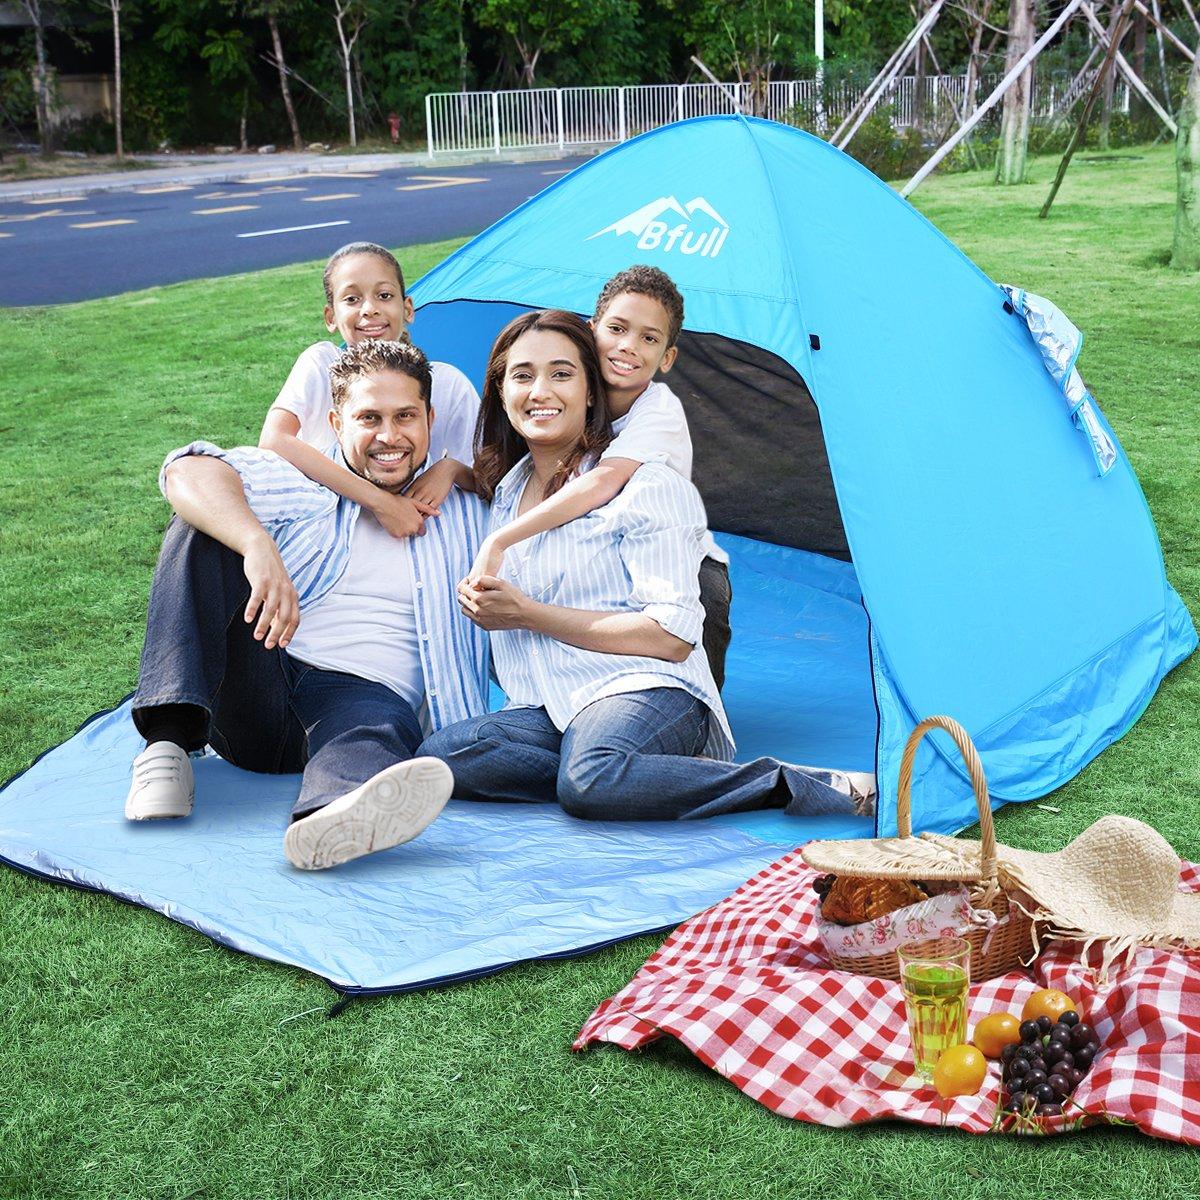 Bfull Pop Up Tente de plage aotomatique soleil shelter avec protection anti-UV UPF 50 + Protection solaire pour extérieur herbe Plage Garden Party Camp pique-nique